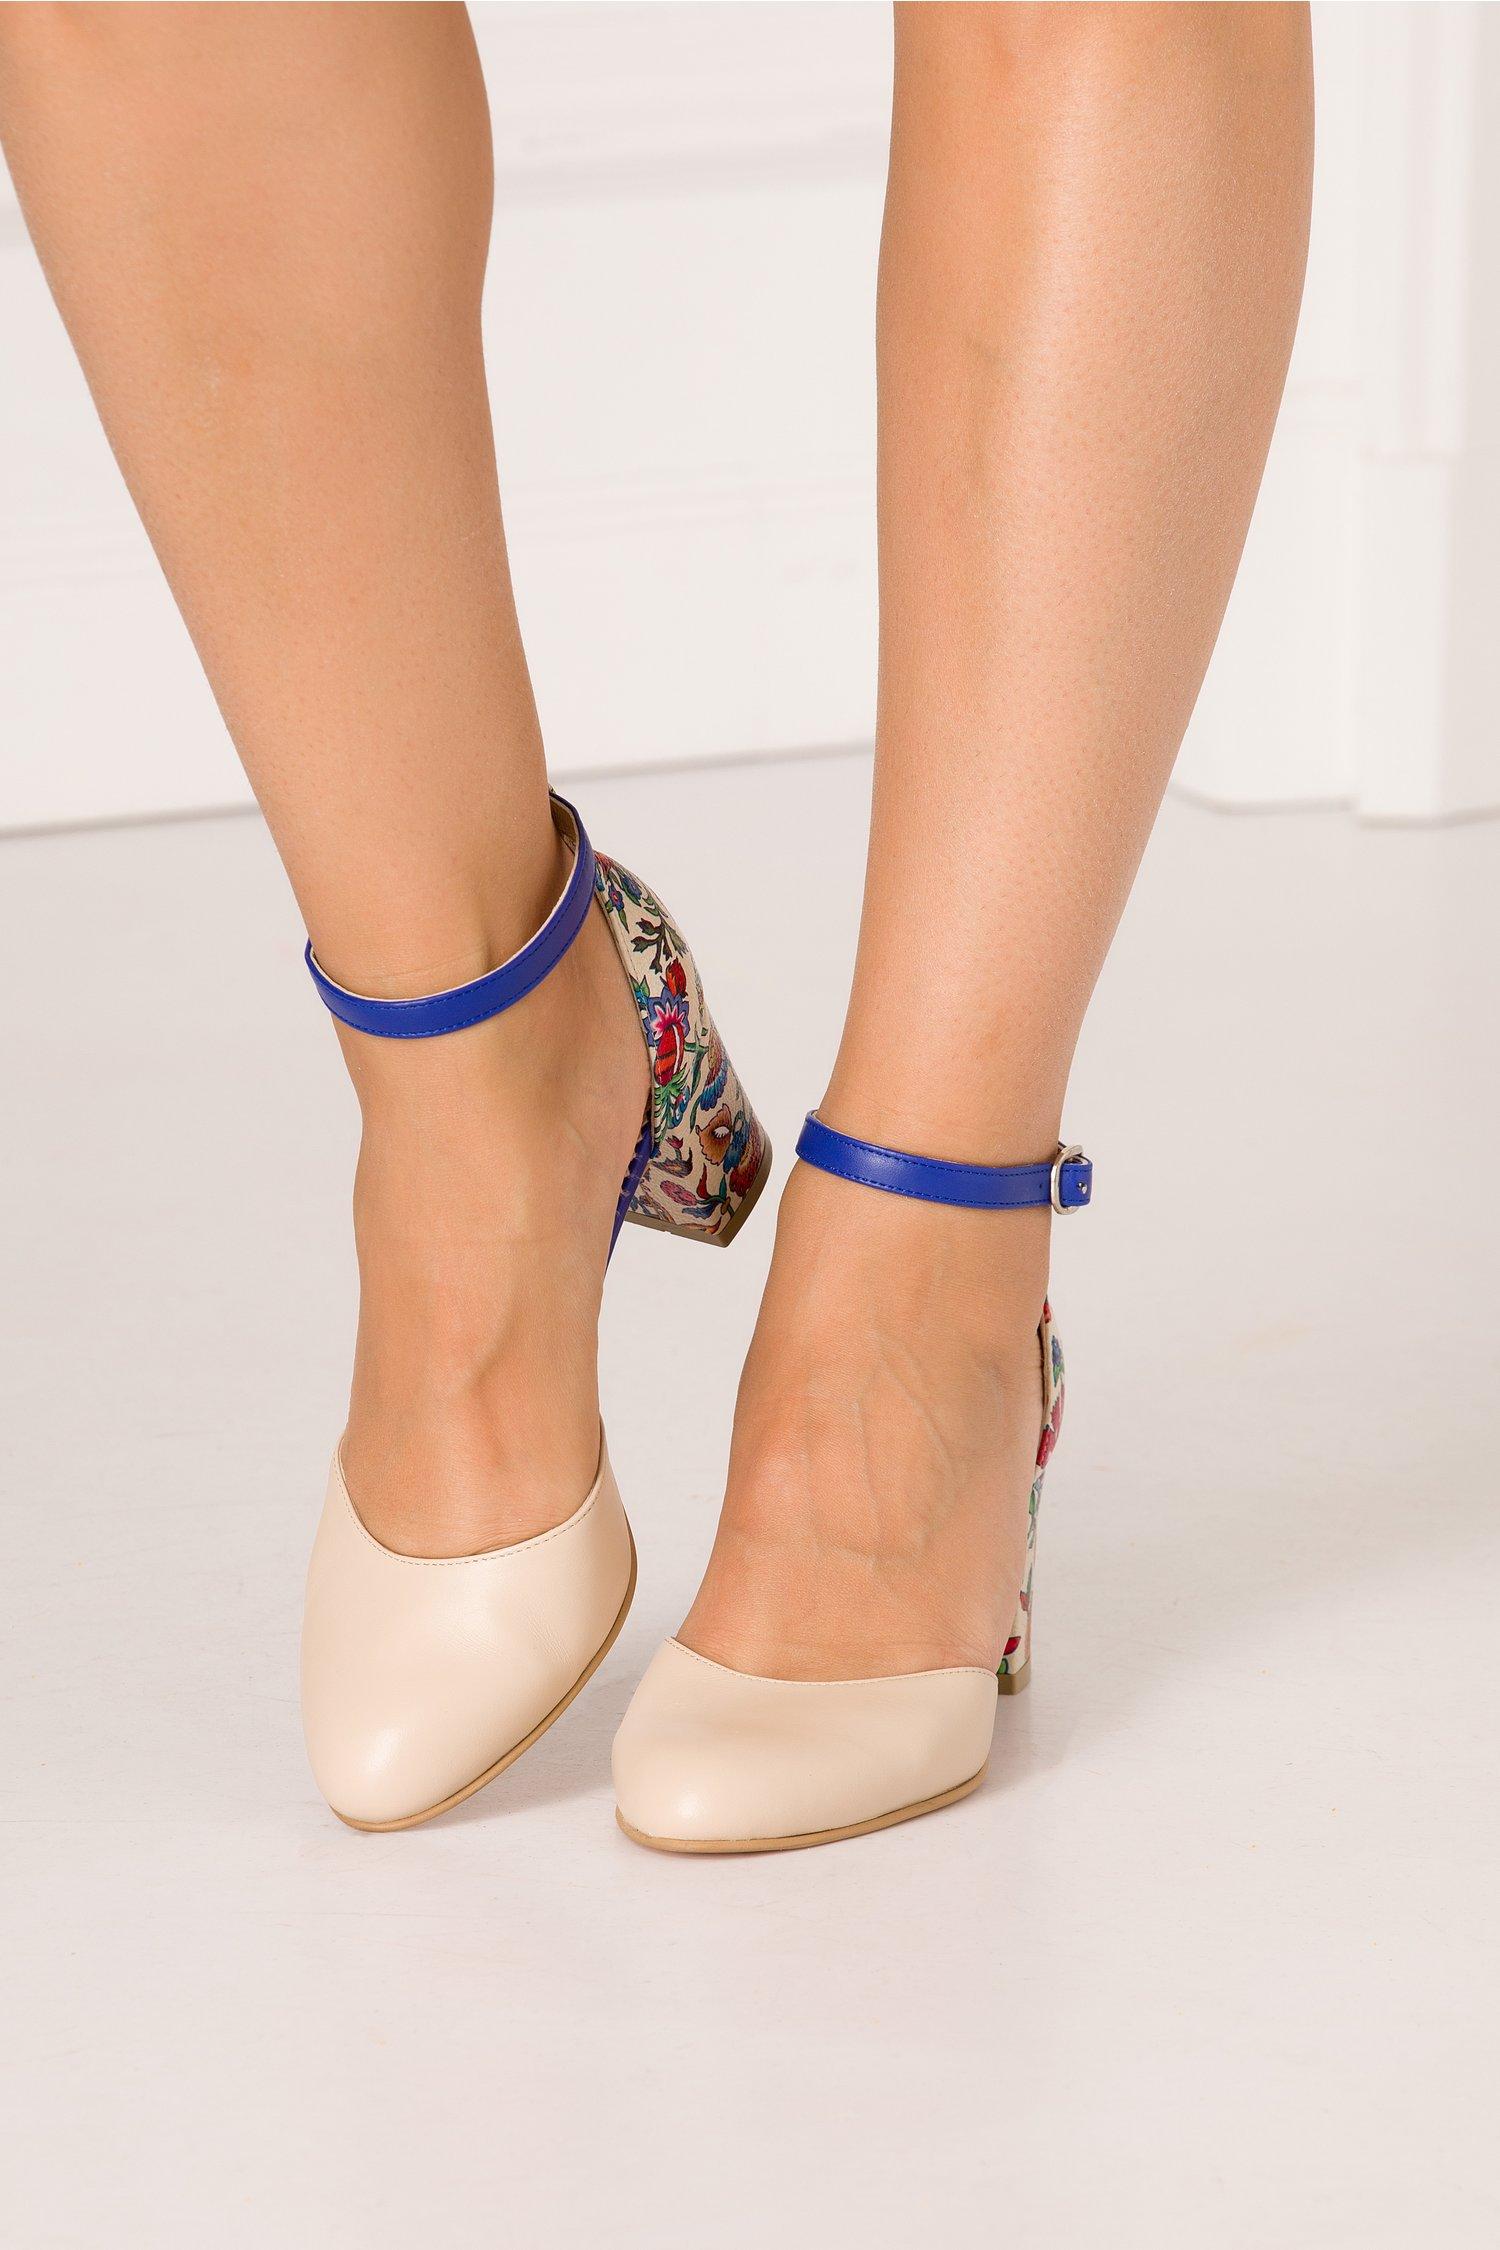 Pantofi bej decupati cu imprimeu floral multicolor in partea din spate